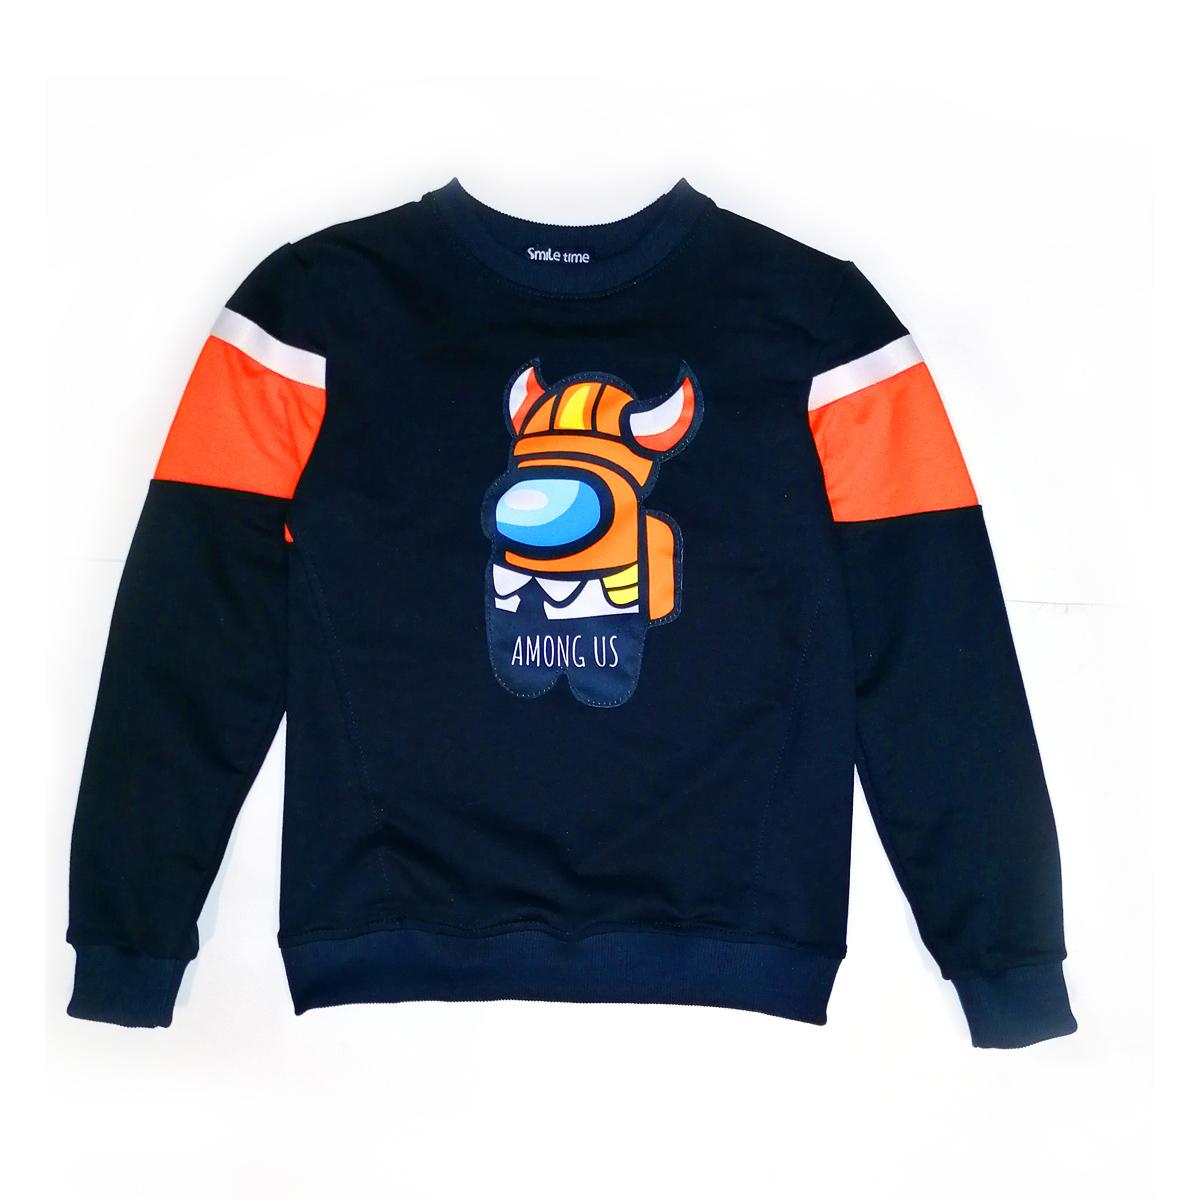 Свитшот SmileTime для мальчика Gamer, синий с оранжевым